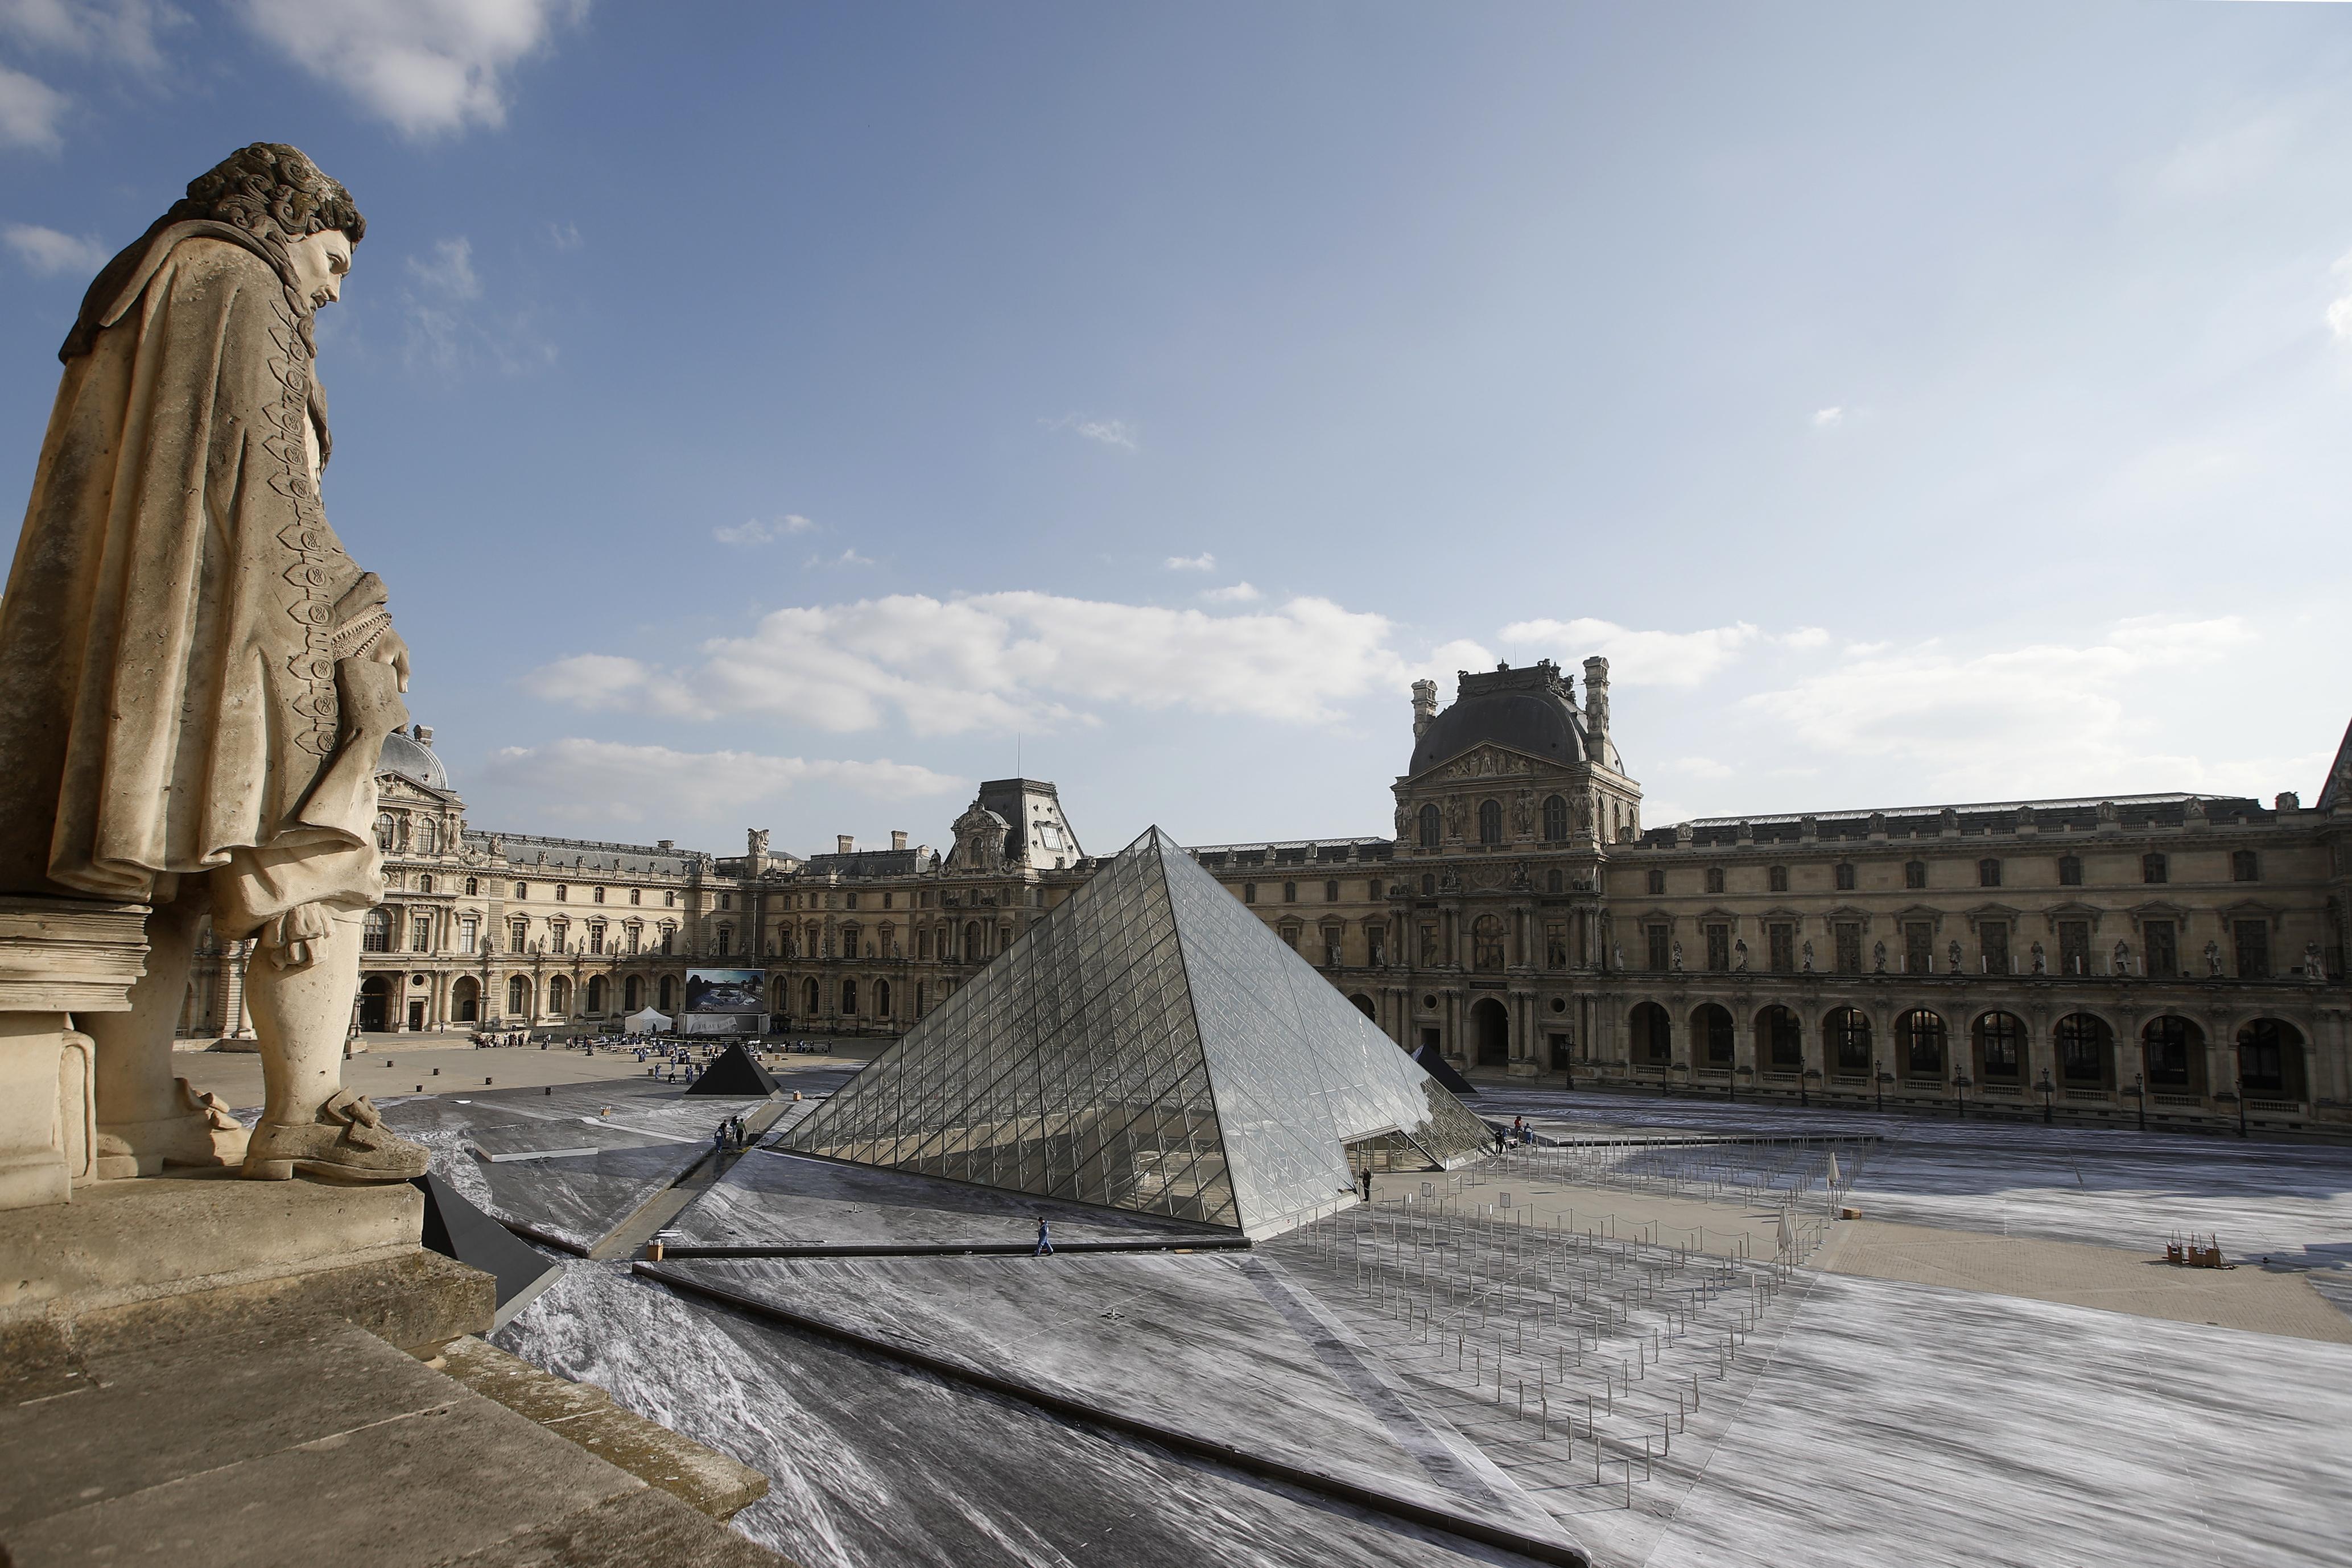 gallos-street-artist-apokalypse-tin-ayli-toy-napoleonta-stin-pyramida-toy-loyvroy-fotografies9